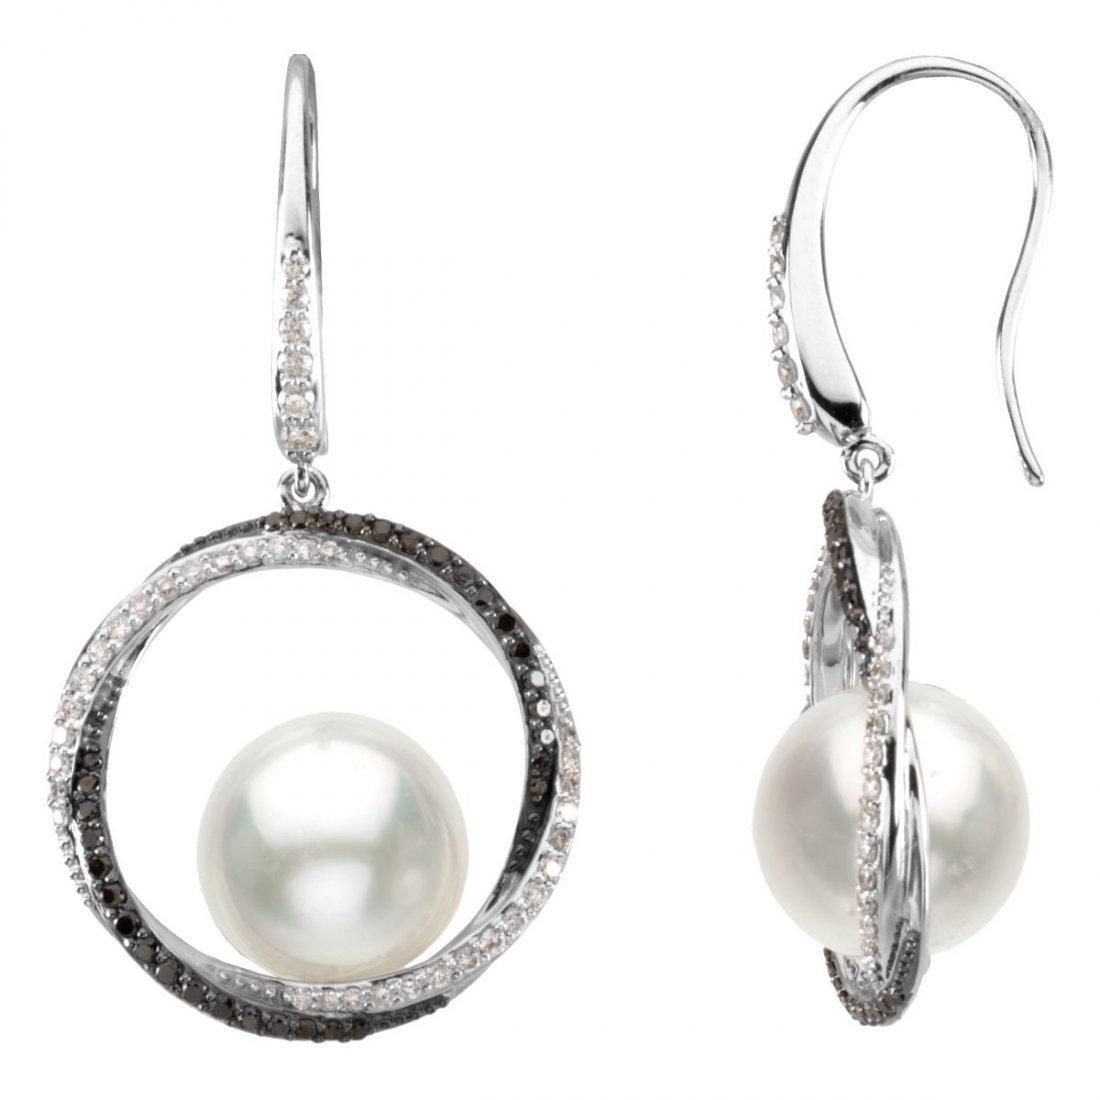 Earrings - 14k White Gold 3/4 CTW Diamond & 11mm South